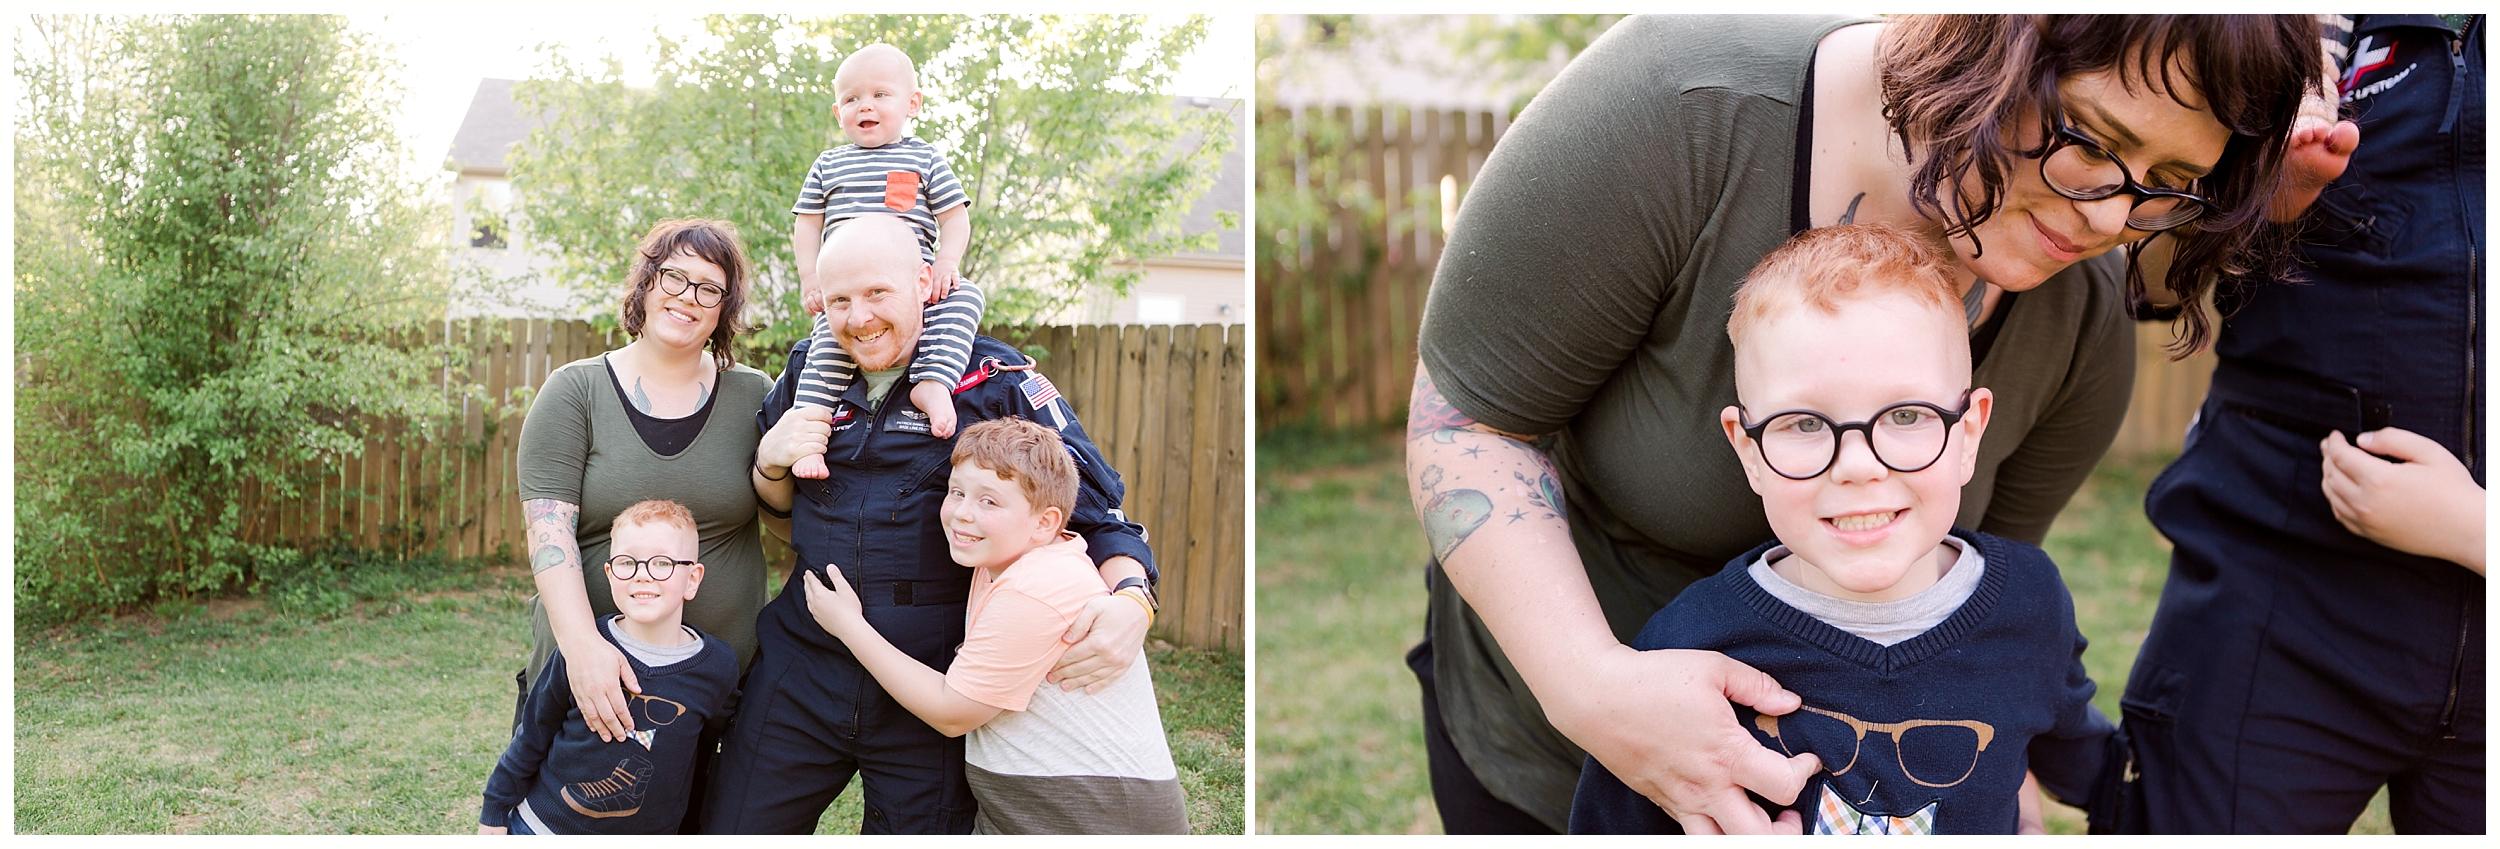 lexington-ky-family-lifestyle-photos-by-priscilla-baierlein_0191.jpg